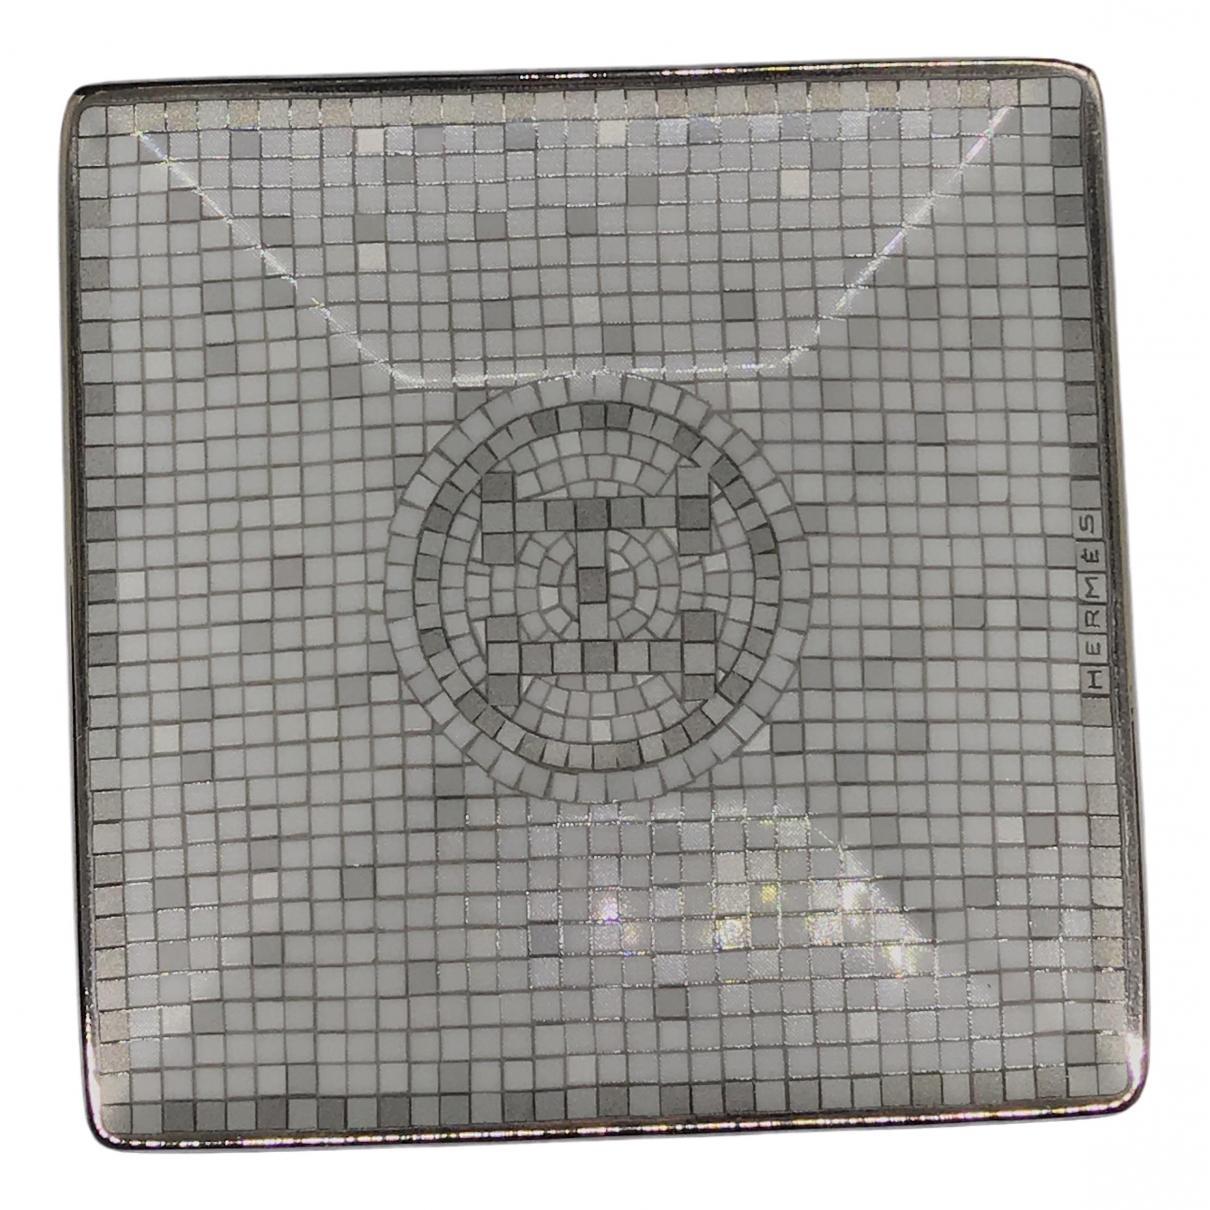 Hermes - Objets & Deco Mosaique au 24 pour lifestyle en ceramique - blanc